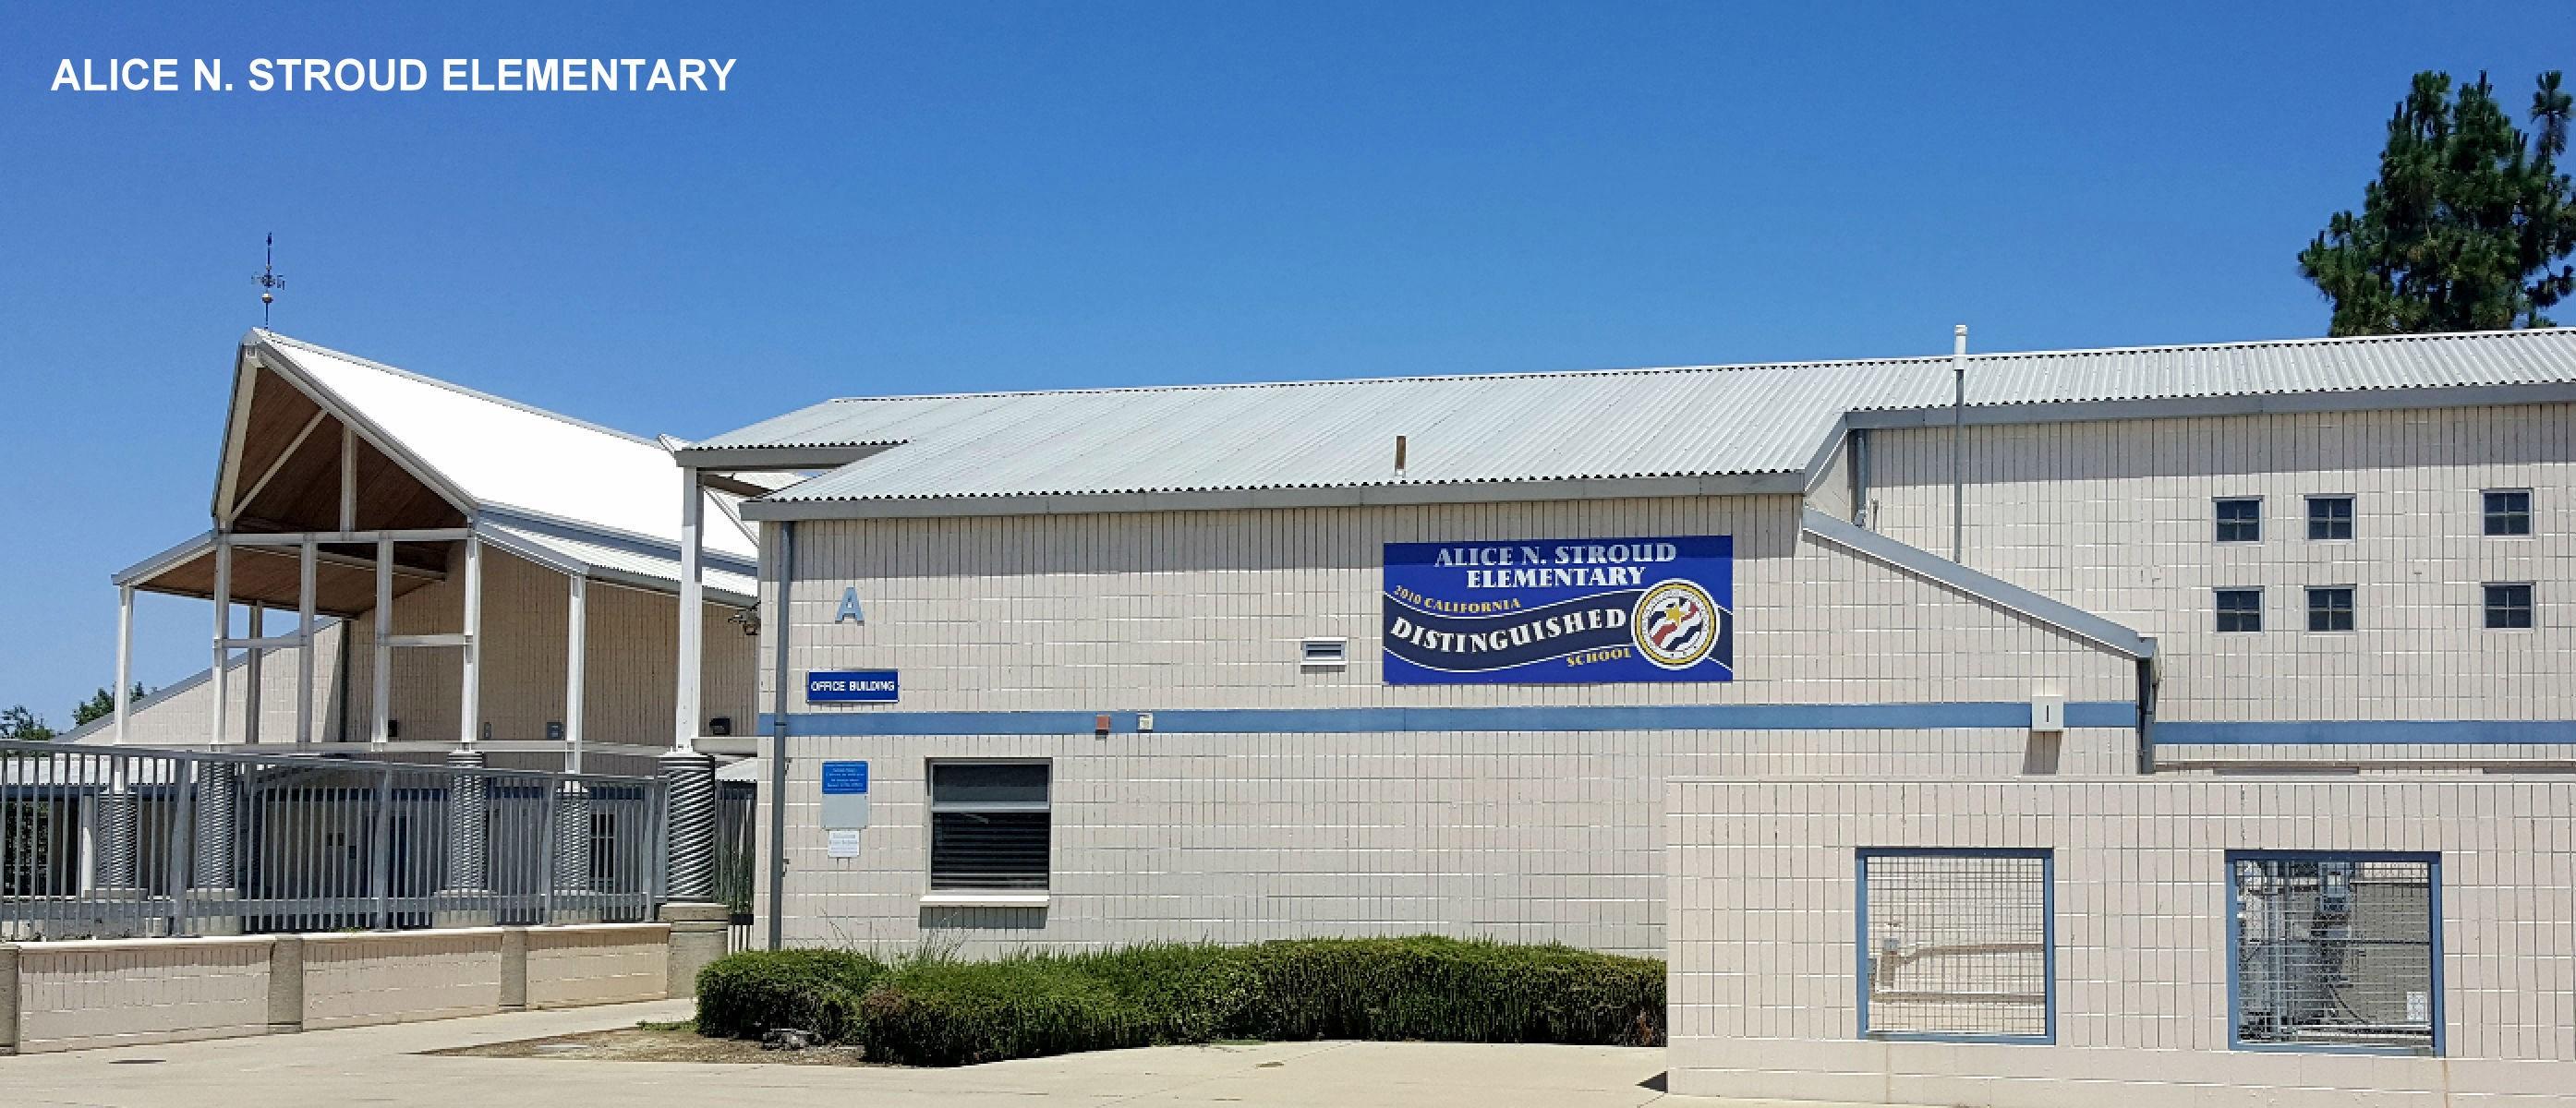 Stroud Elementary School